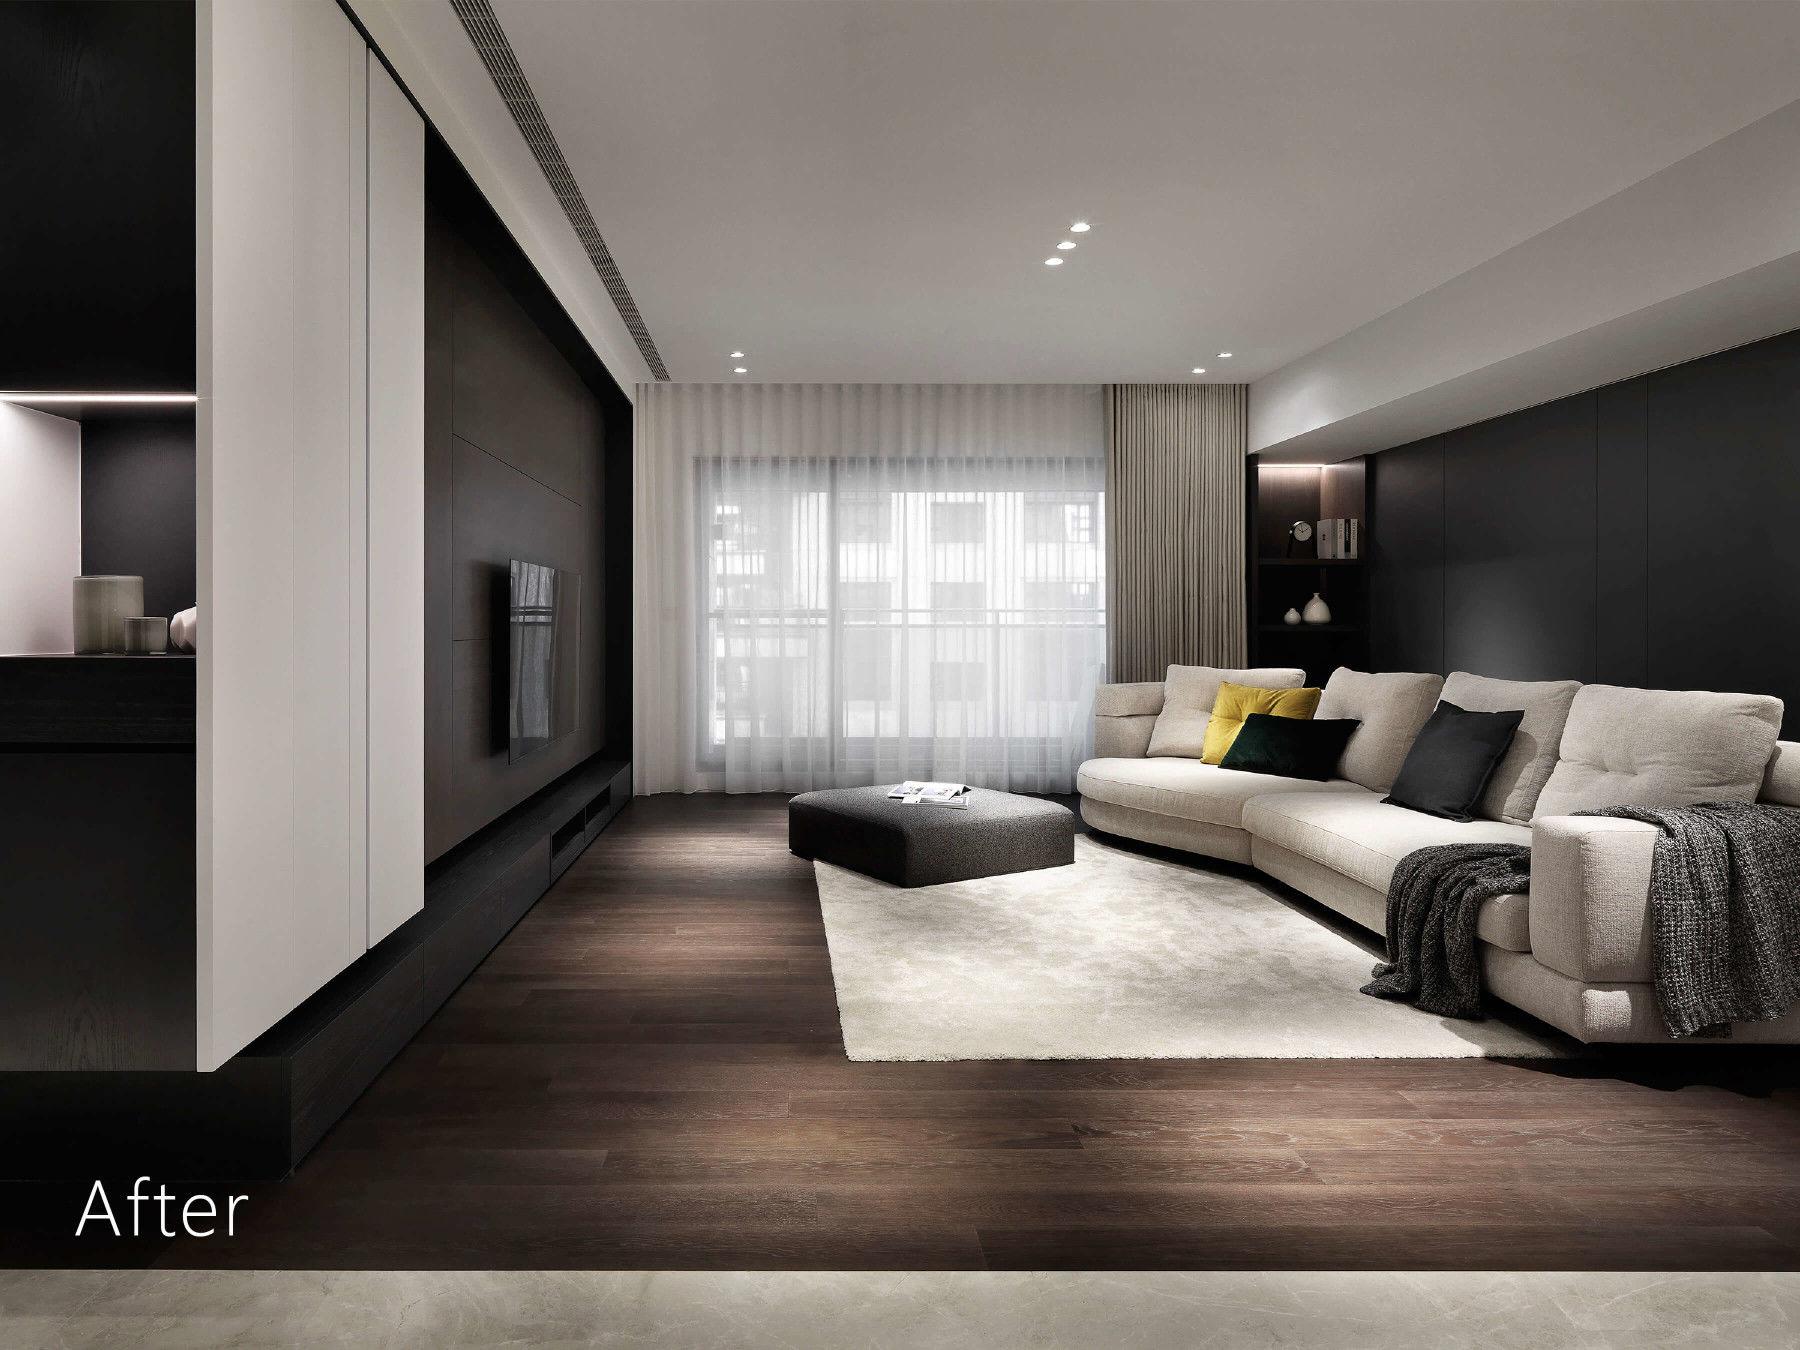 分子室內裝修設計-住宅設計-高級住宅-毛胚屋設計-全室規劃設計